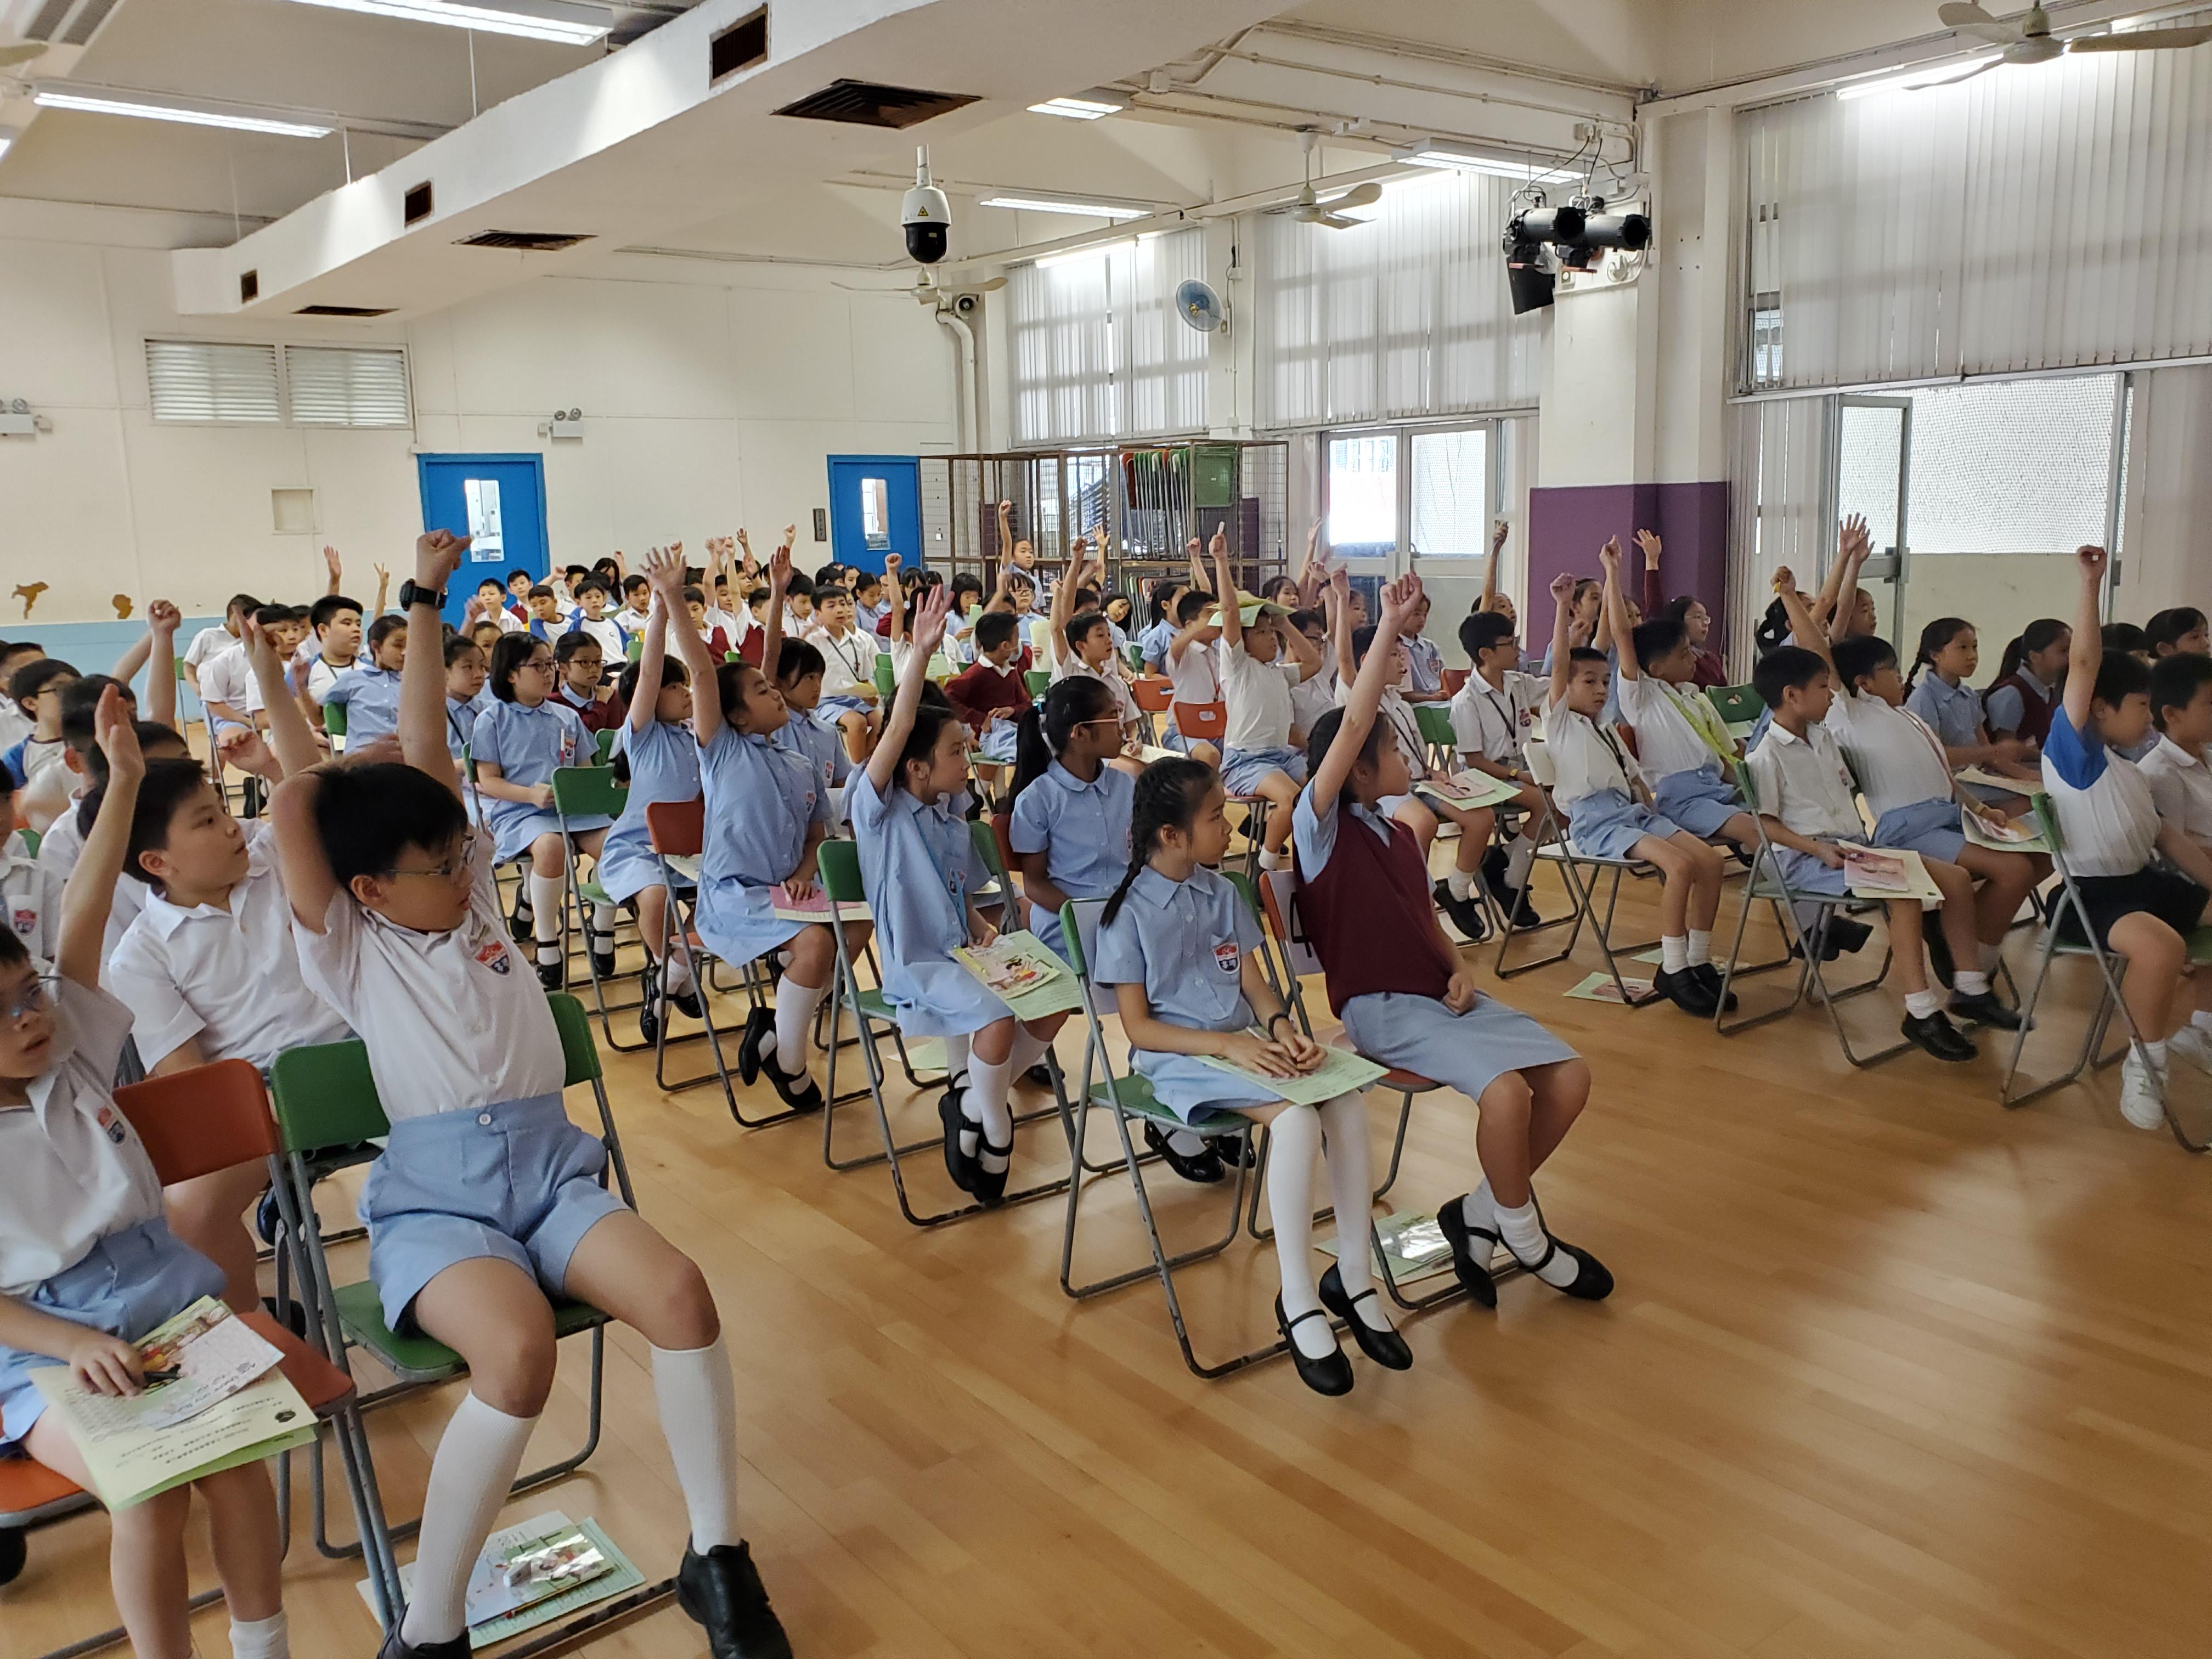 http://www.keiwan.edu.hk/sites/default/files/20191016_131536.jpg